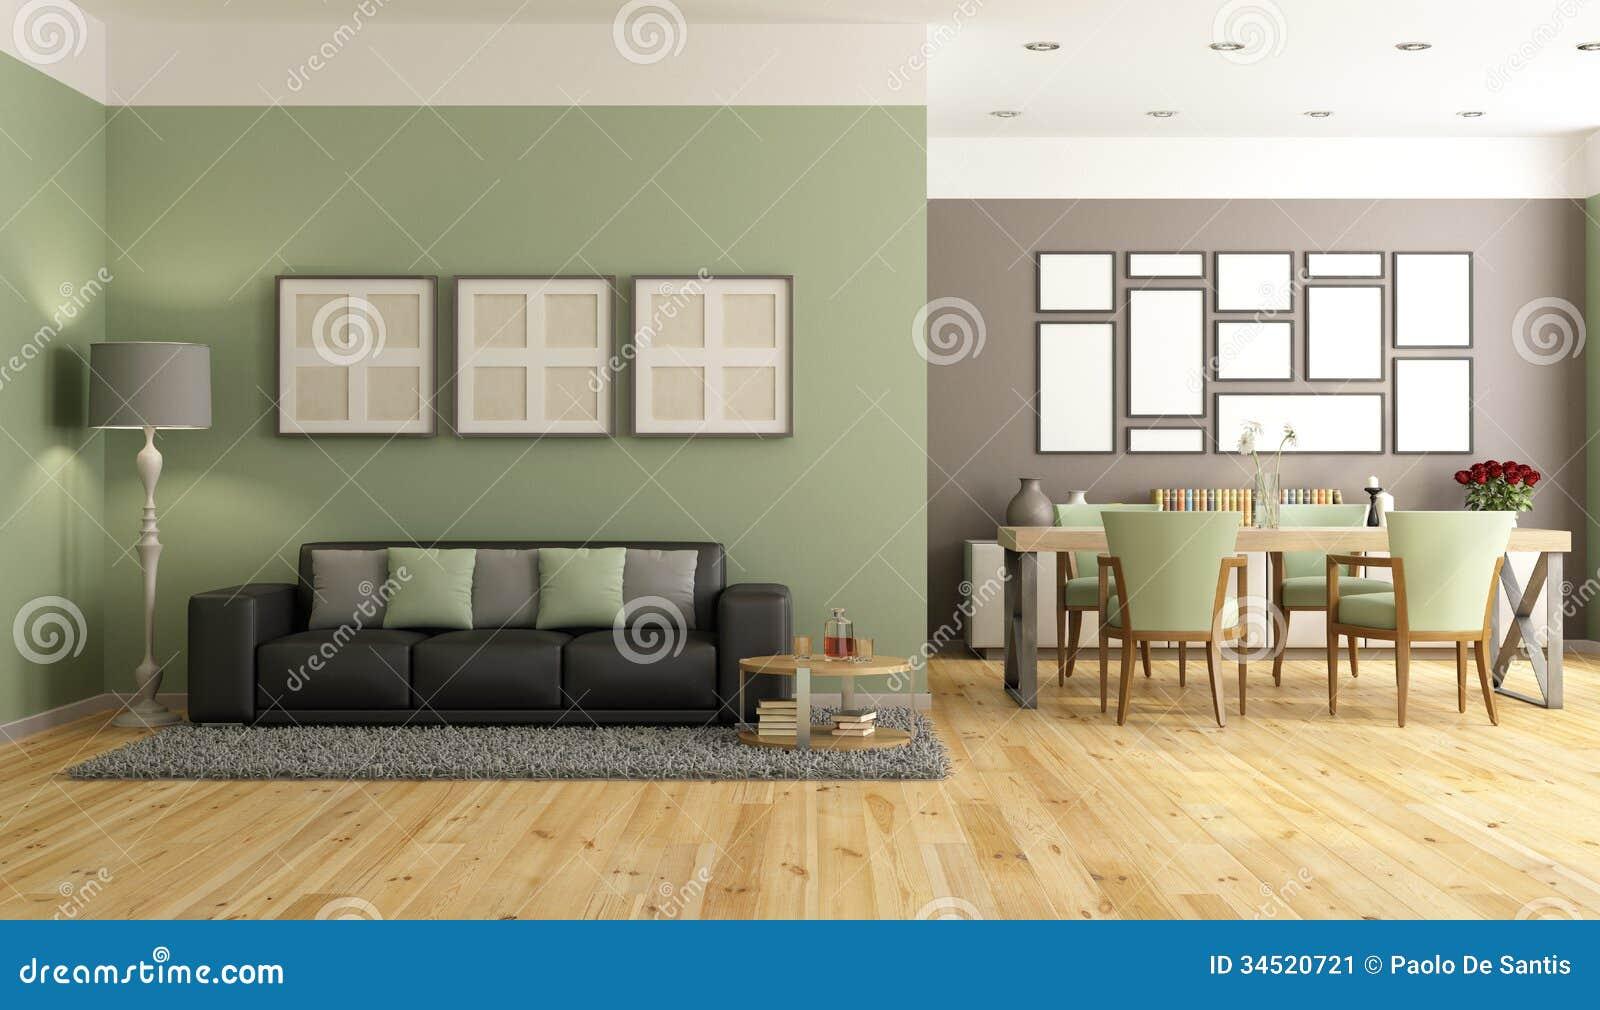 Sala De Estar Verde ~ Sala De Estar Moderna Verde E Marrom Imagem de Stock  Imagem